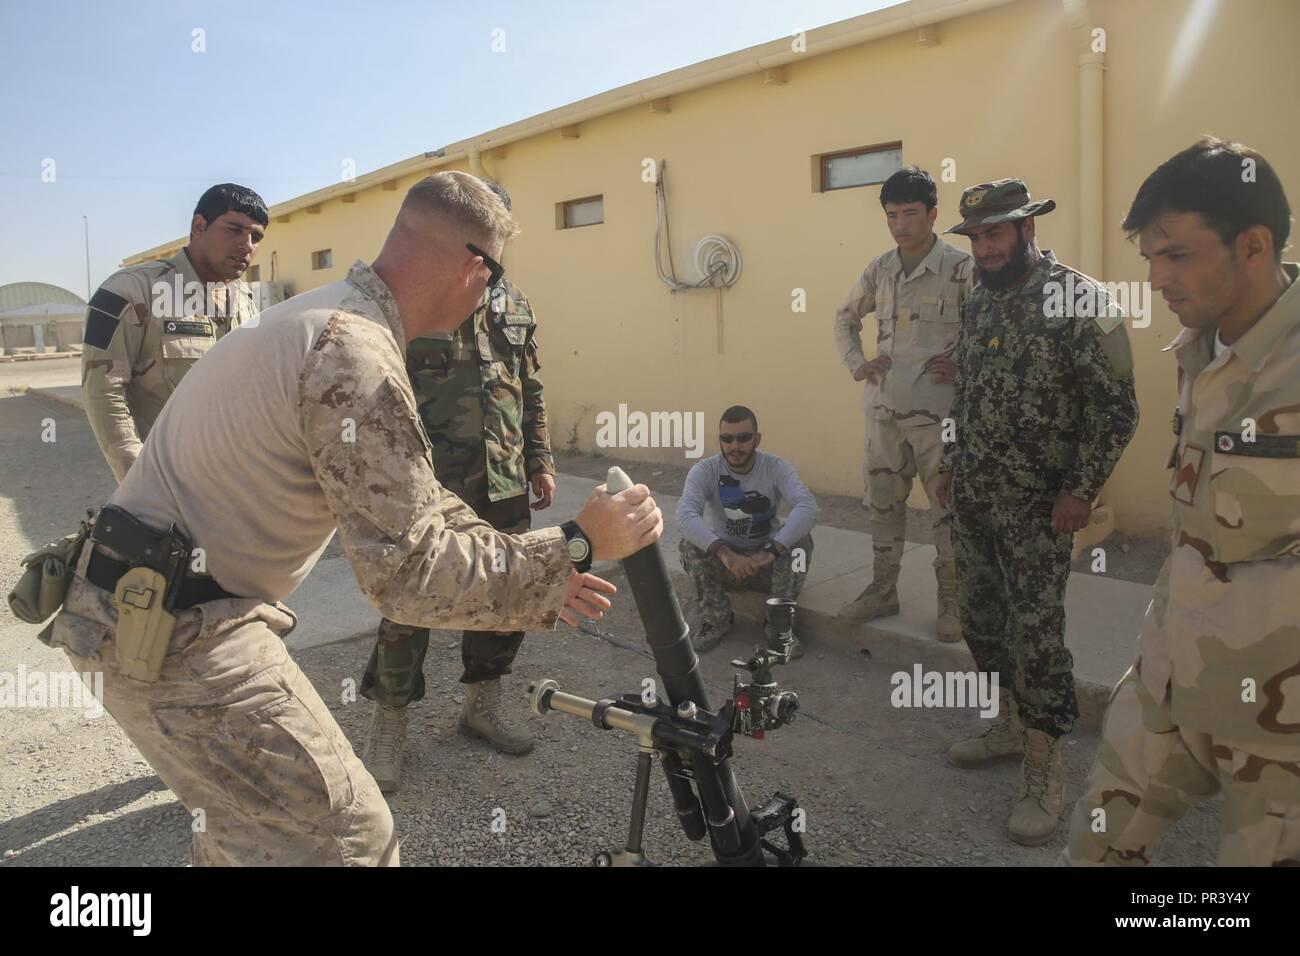 Un asesor de Marina de los EE.UU. con Task Force Southwest demuestra buen empleo de un mortero de 60mm a soldados del Ejército Nacional Afgano en la provincia de Helmand Regional Centro de entrenamiento militar en el campamento Shorabak, Afganistán, 31 de julio de 2017. Aproximadamente 50 RMTC instructores están trabajando para mejorar sus habilidades de enseñanza a lo largo de un período de cuatro semanas para formar al formador curso con sus homólogos marinos en preparación de un próximo ciclo de preparación operativa. El ORC es una evolución de ocho semanas de duración centrado en la mejora de las habilidades y técnicas de infantería de ANA soldados. Imagen De Stock